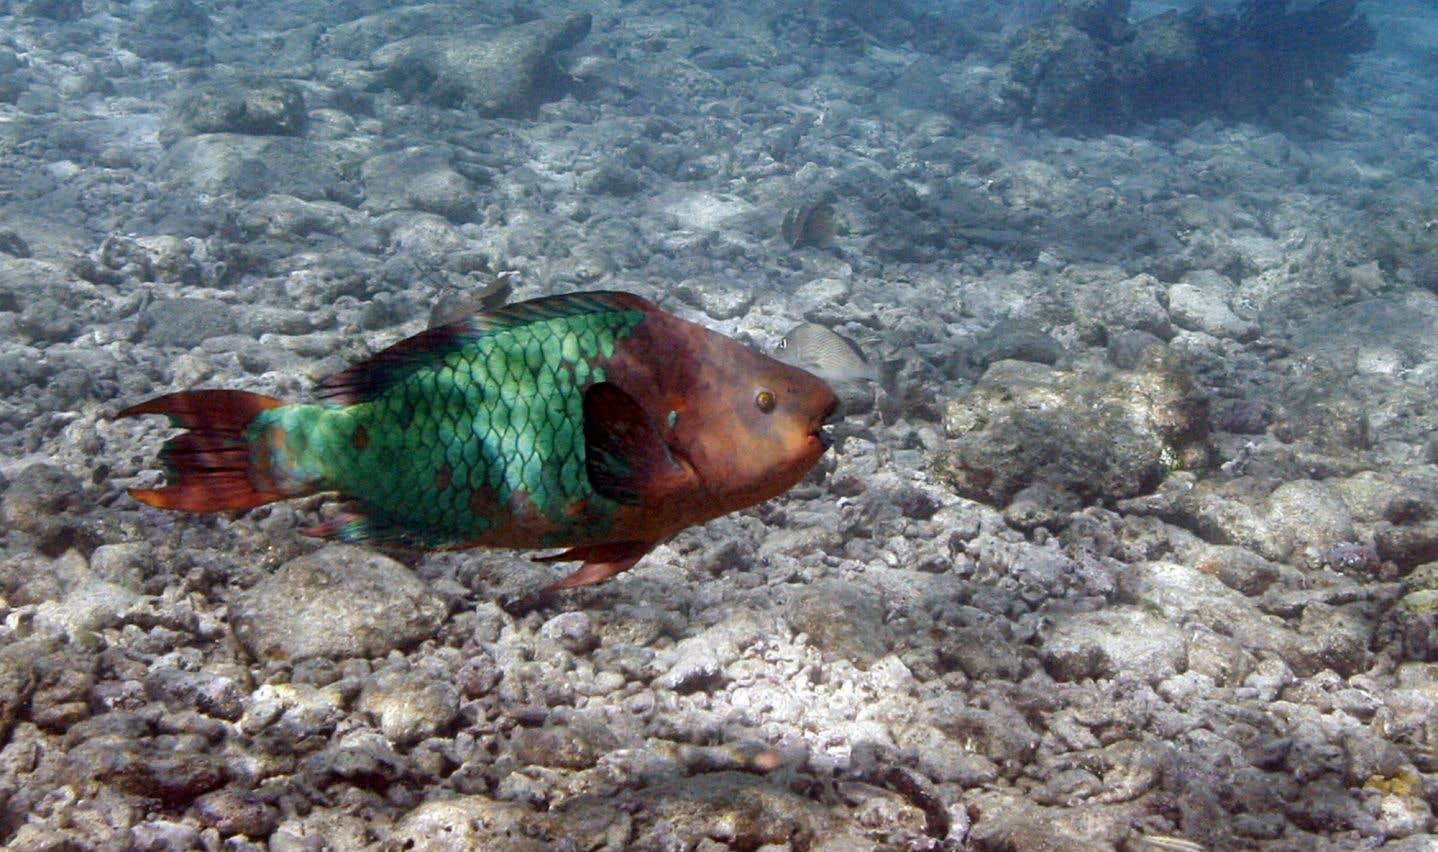 Les coraux des Caraïbes pourraient disparaître d'ici 20 ans